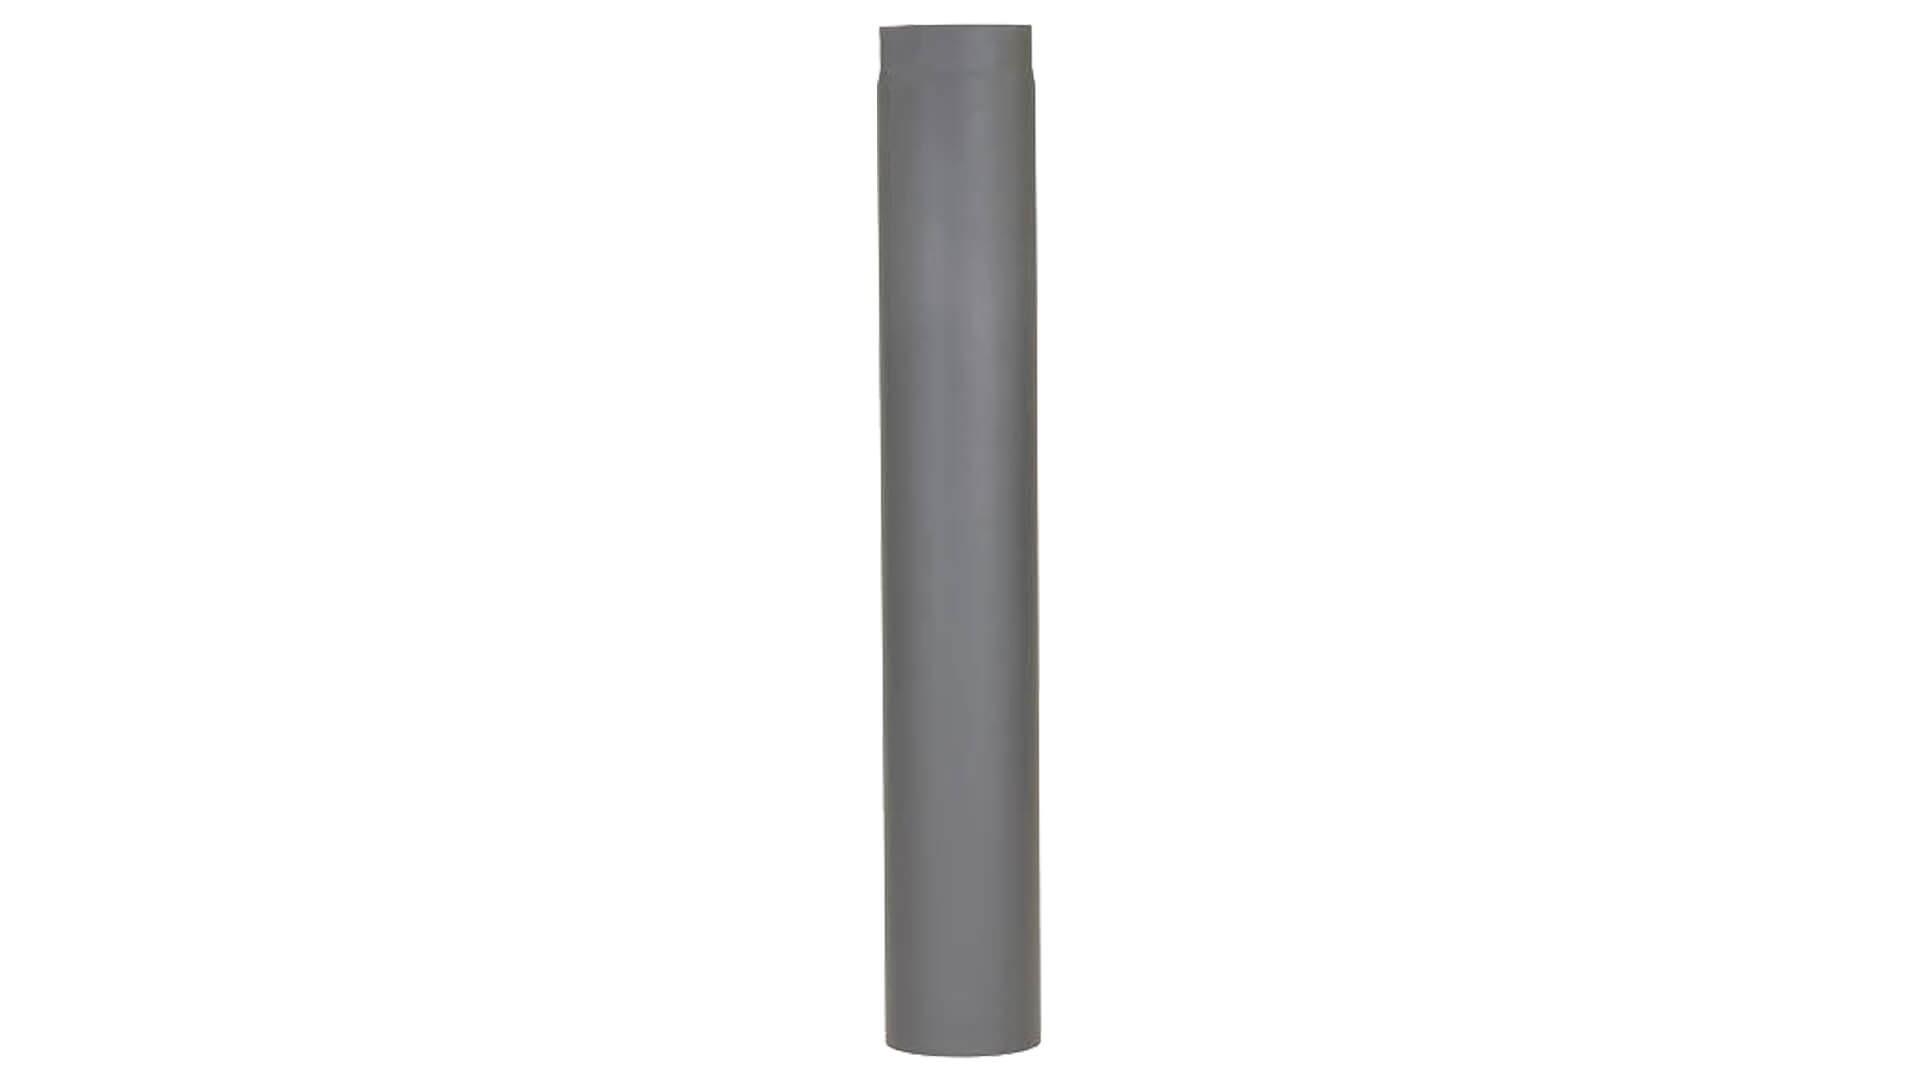 Kachelpijp Cosistove pijp enkelwandig verlengstuk 50 cm zwart